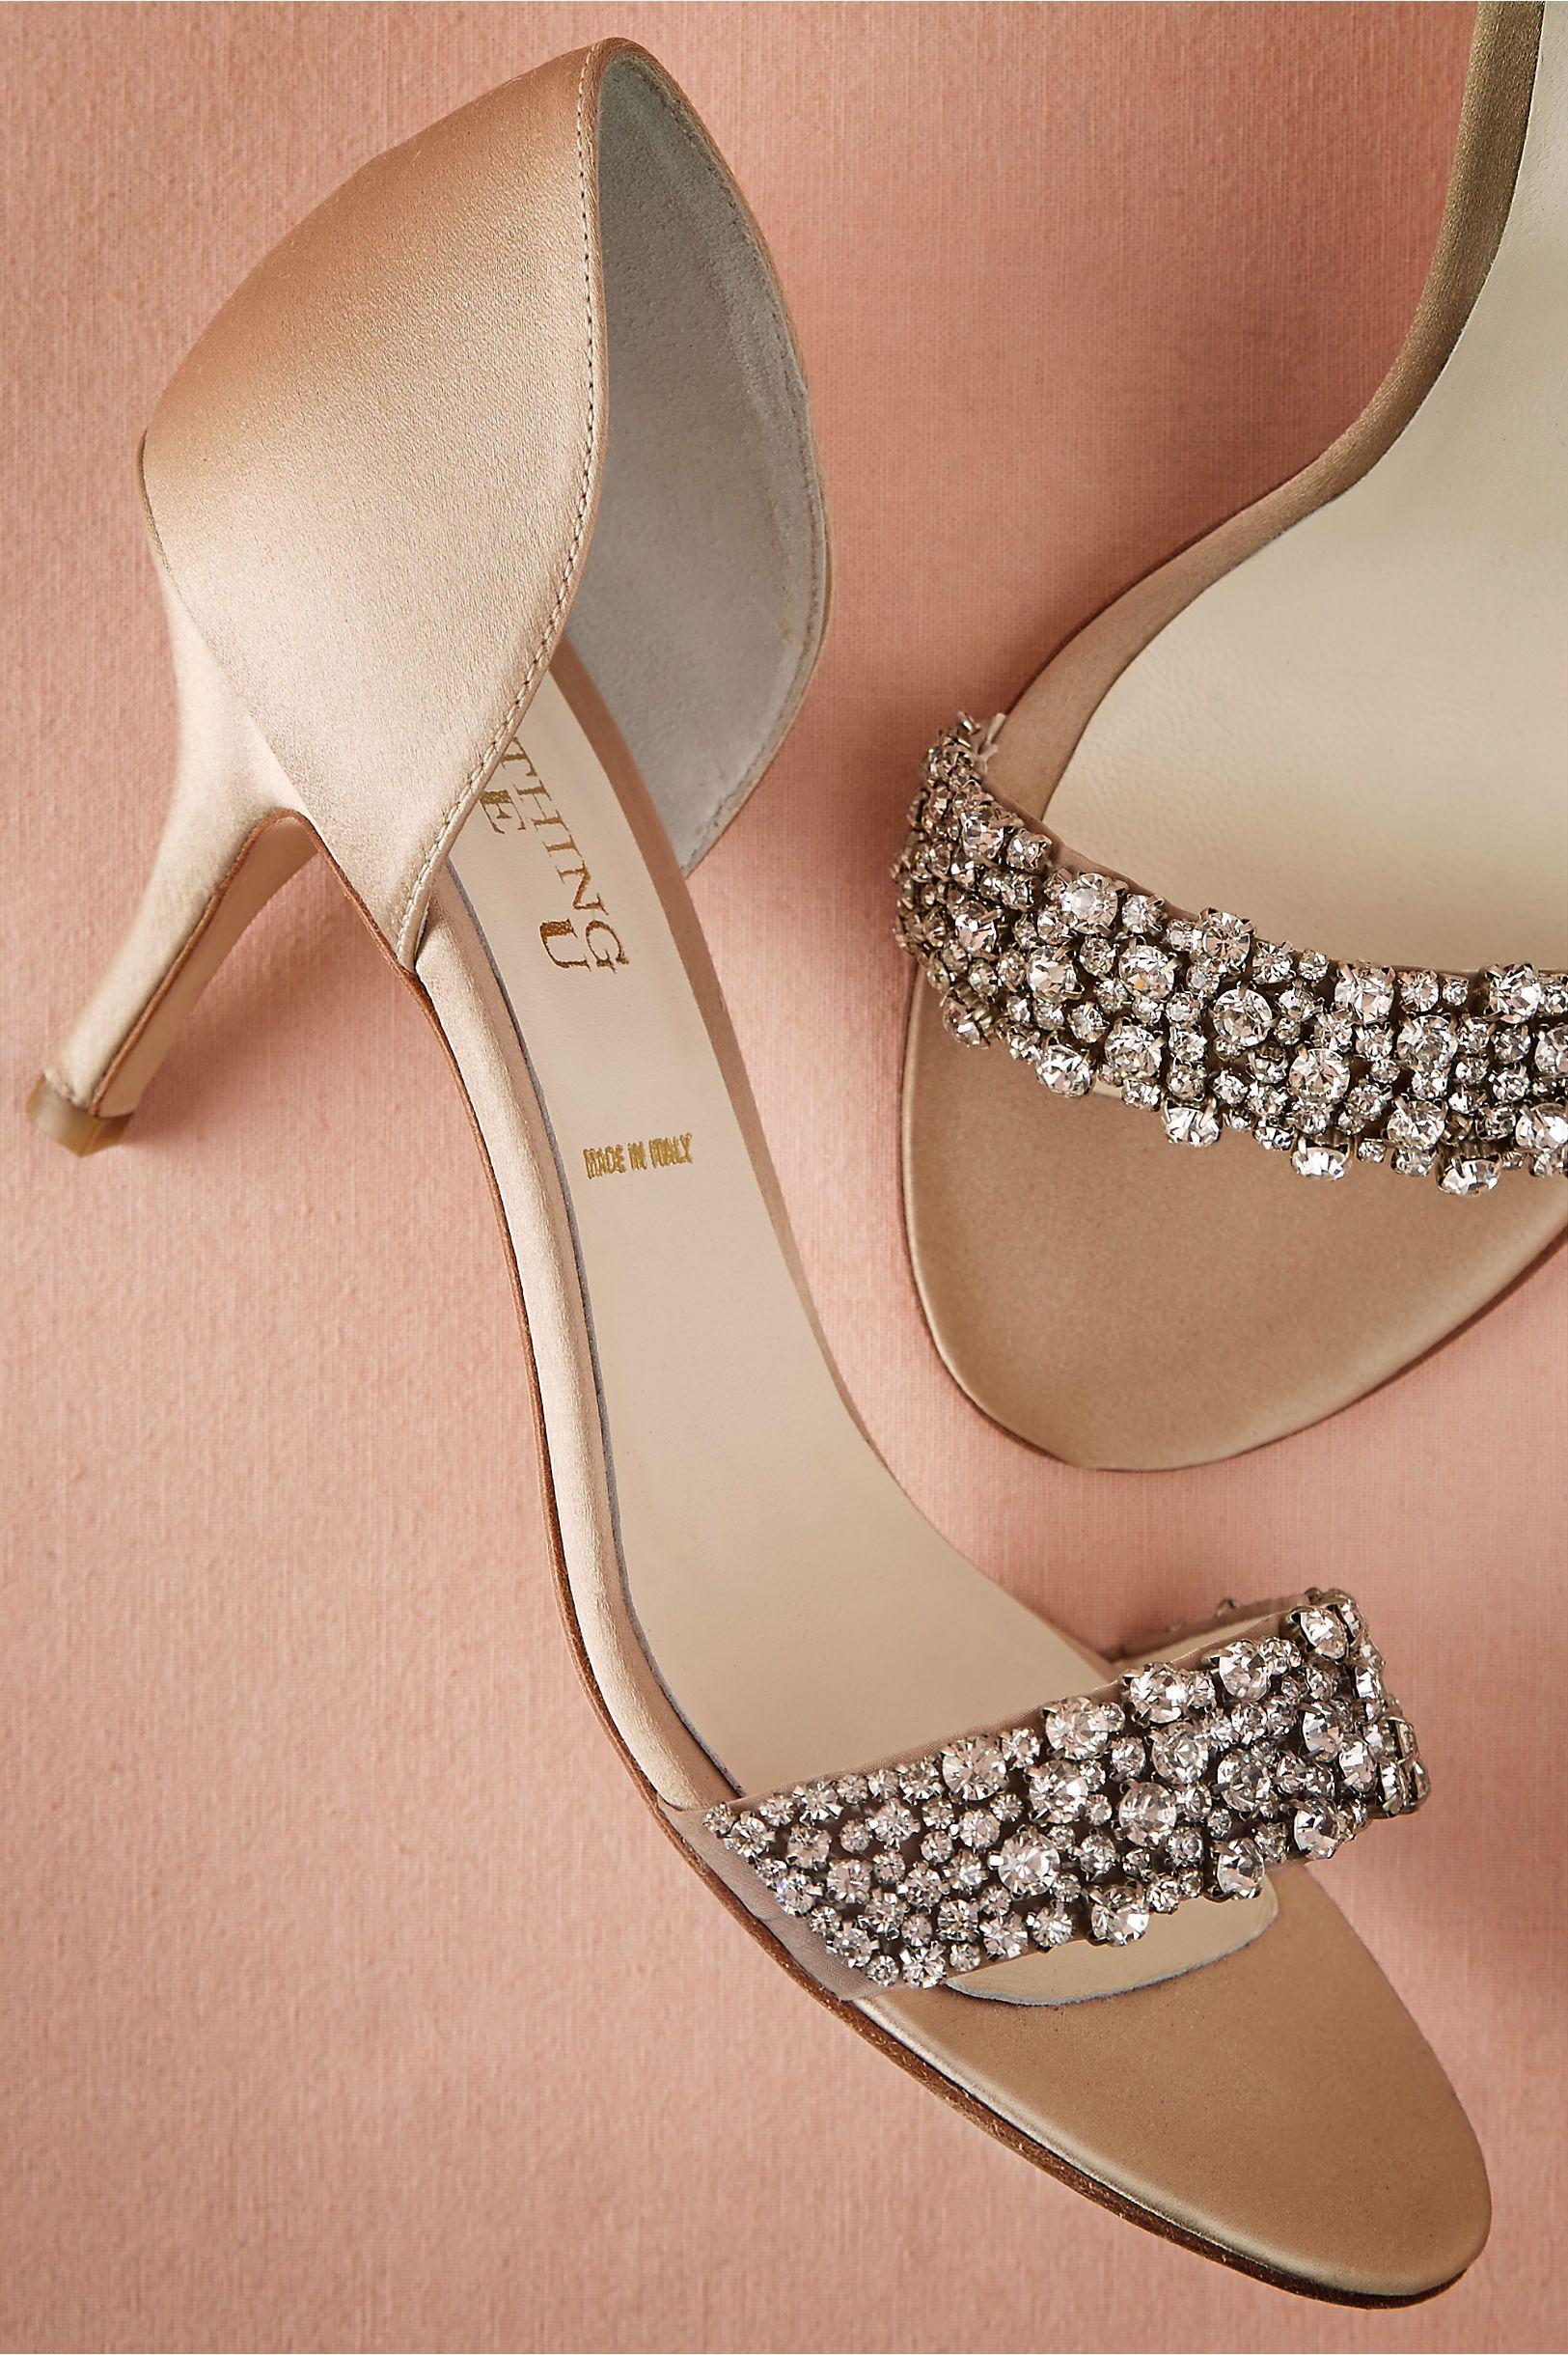 cb2634fcf Crystal Waltz d Orsays from  BHLDN  BridalFashion  BridalAccessories   BridalShoes  WeddingShoes